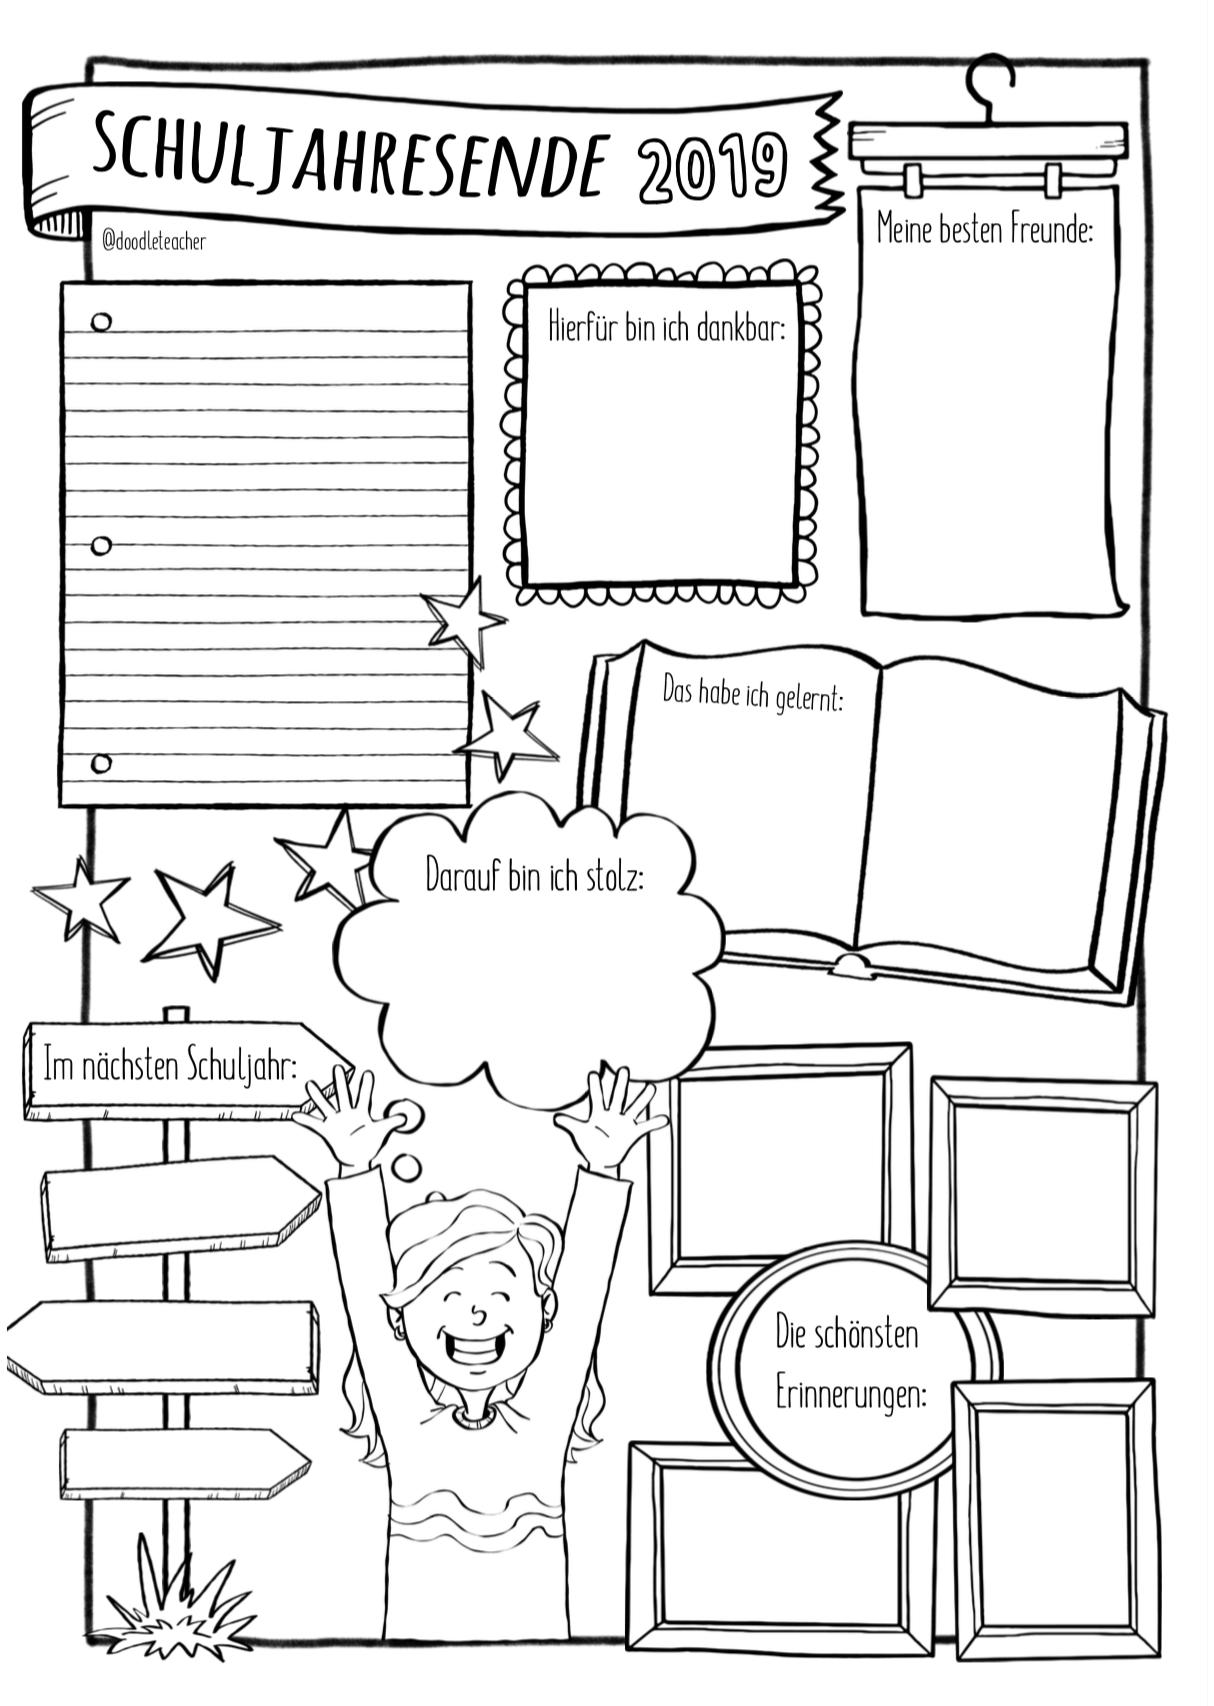 Schuljahresende Sketchnotes Unterrichtsmaterial In Den Fachern Daz Daf Deutsch Englisch Fachubergreifendes Franzosisch Skizze Notizen Schule Unterricht Schule